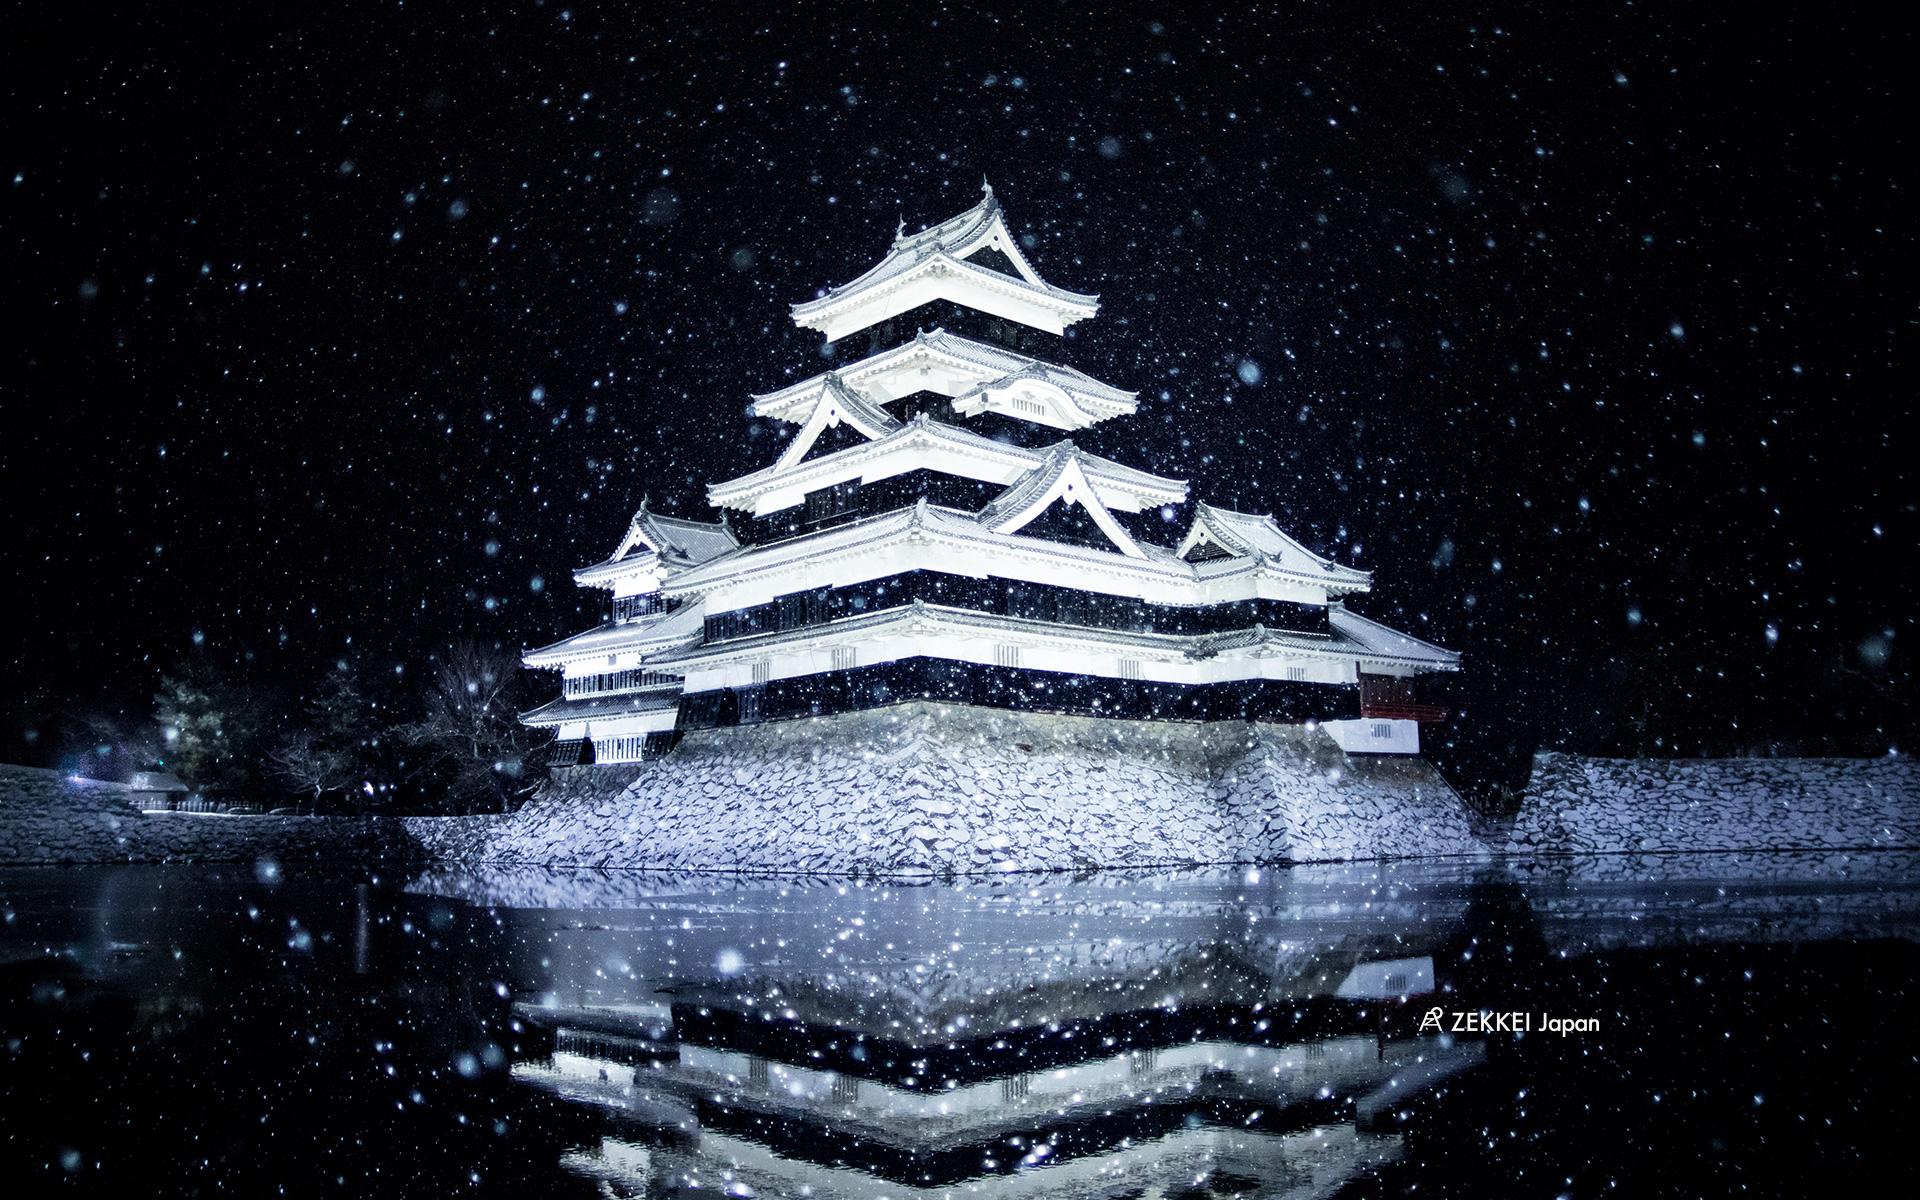 絶景壁紙 四季折々 日本の名城 の壁紙をあなたの待ち受けに Zekkei Japan